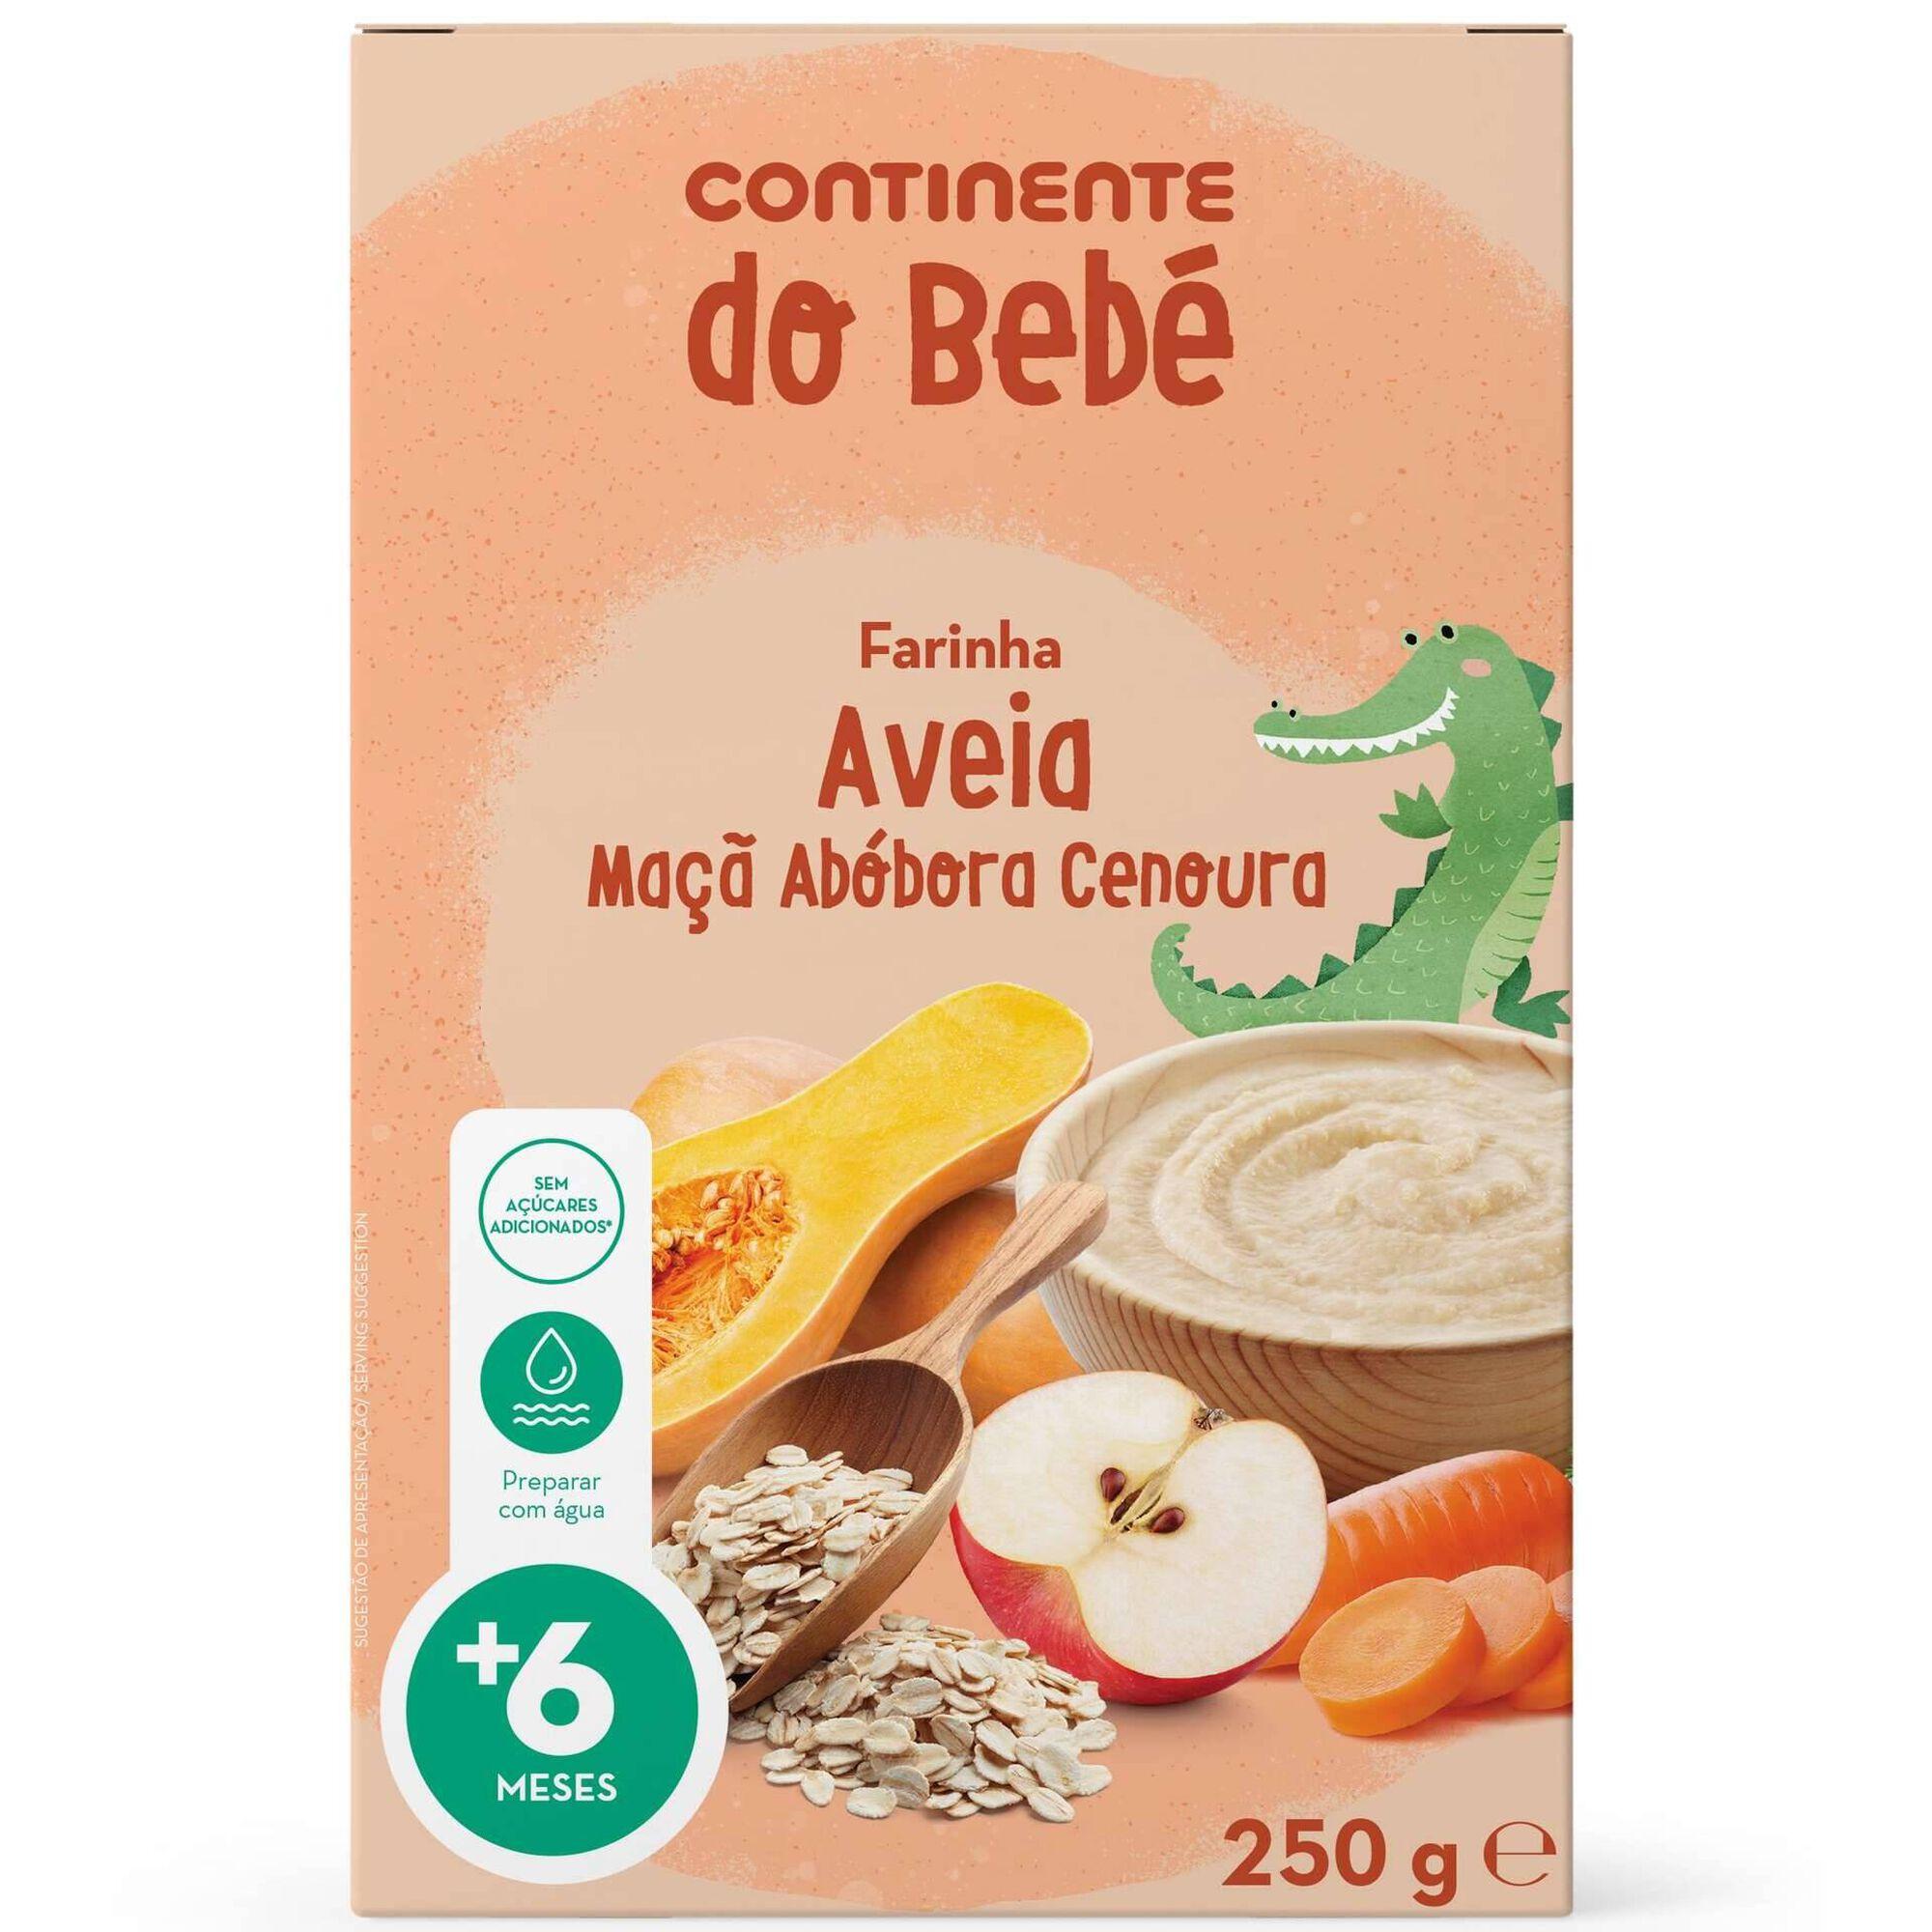 Infantil Farinha Láctea Aveia, Maçã, Abóbora e Cenoura +6 Meses